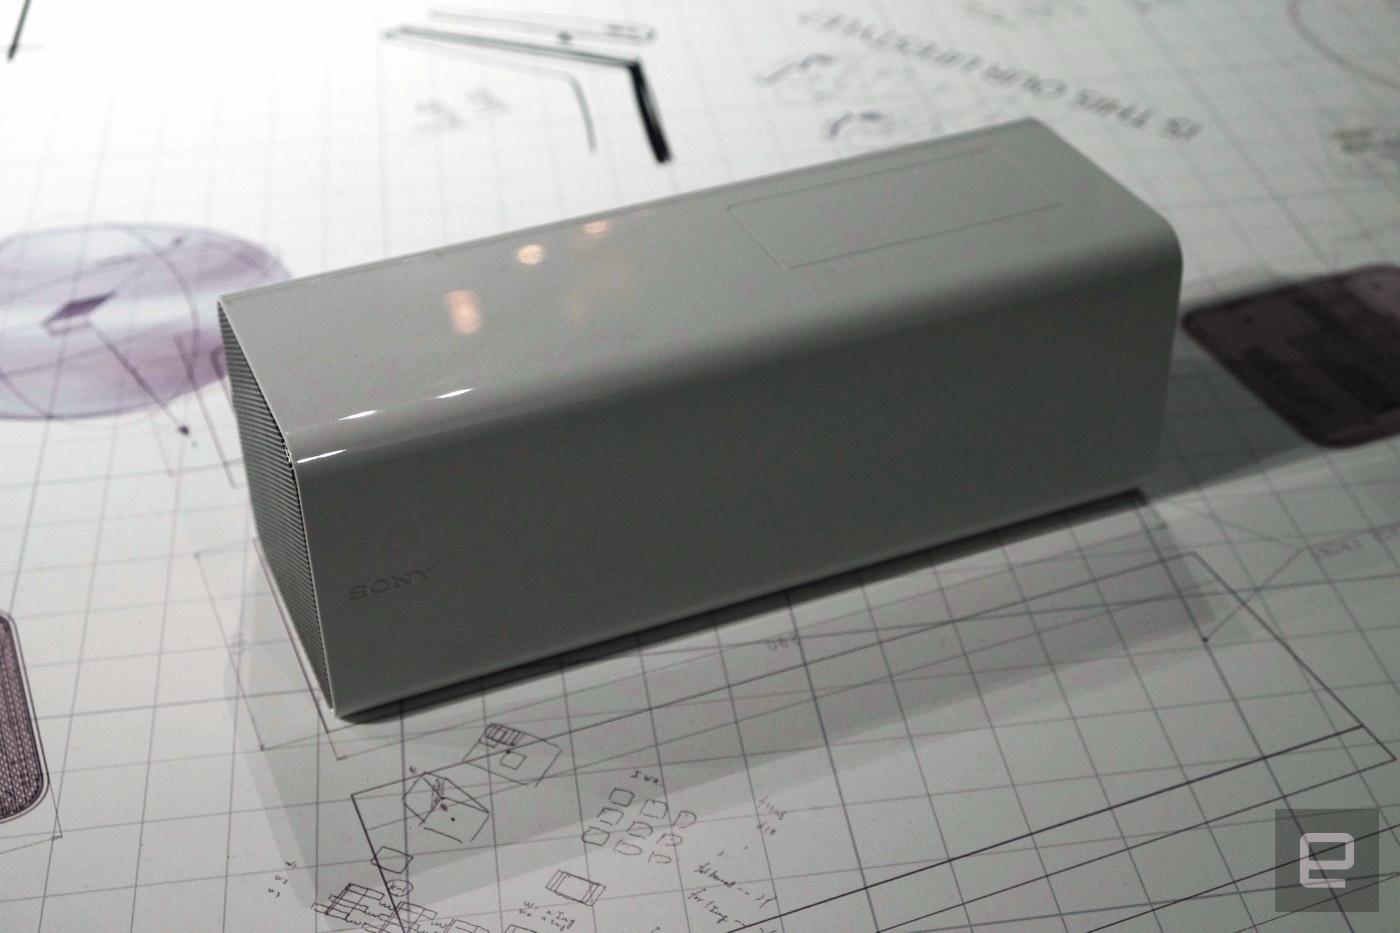 Sony khoe bộ sản phẩm độc lạ mới nhất từ Future Lab